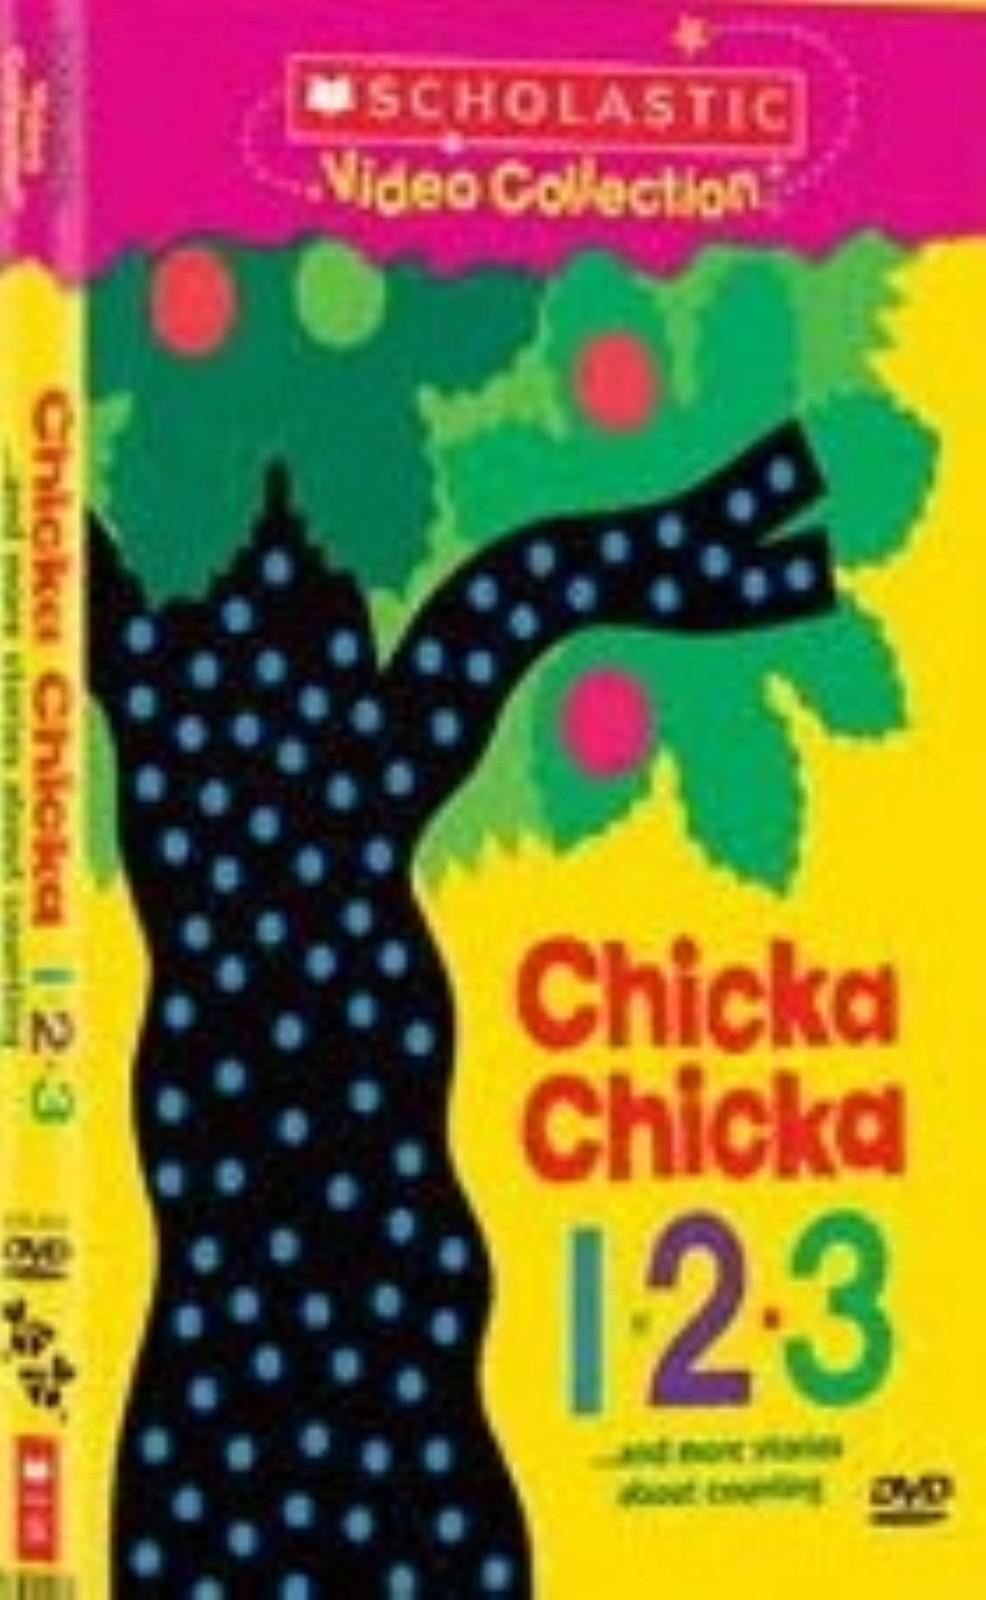 Chicka chicka 1231  custom